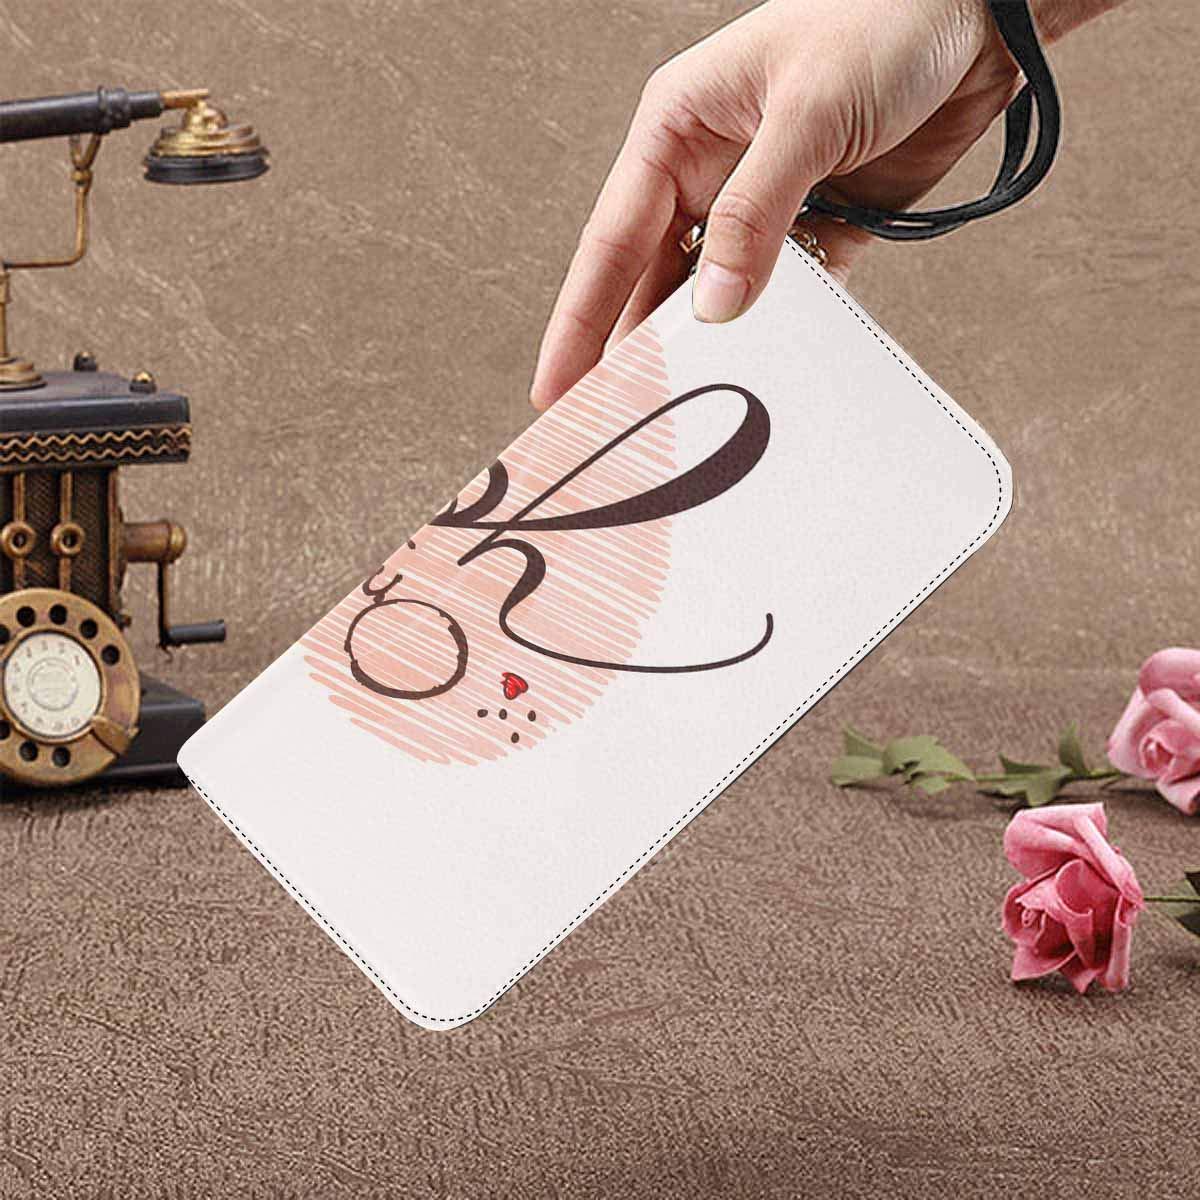 InterestPrint Womens Valentine Greeting Clutch Purse Card Holder Organizer Ladies Purse